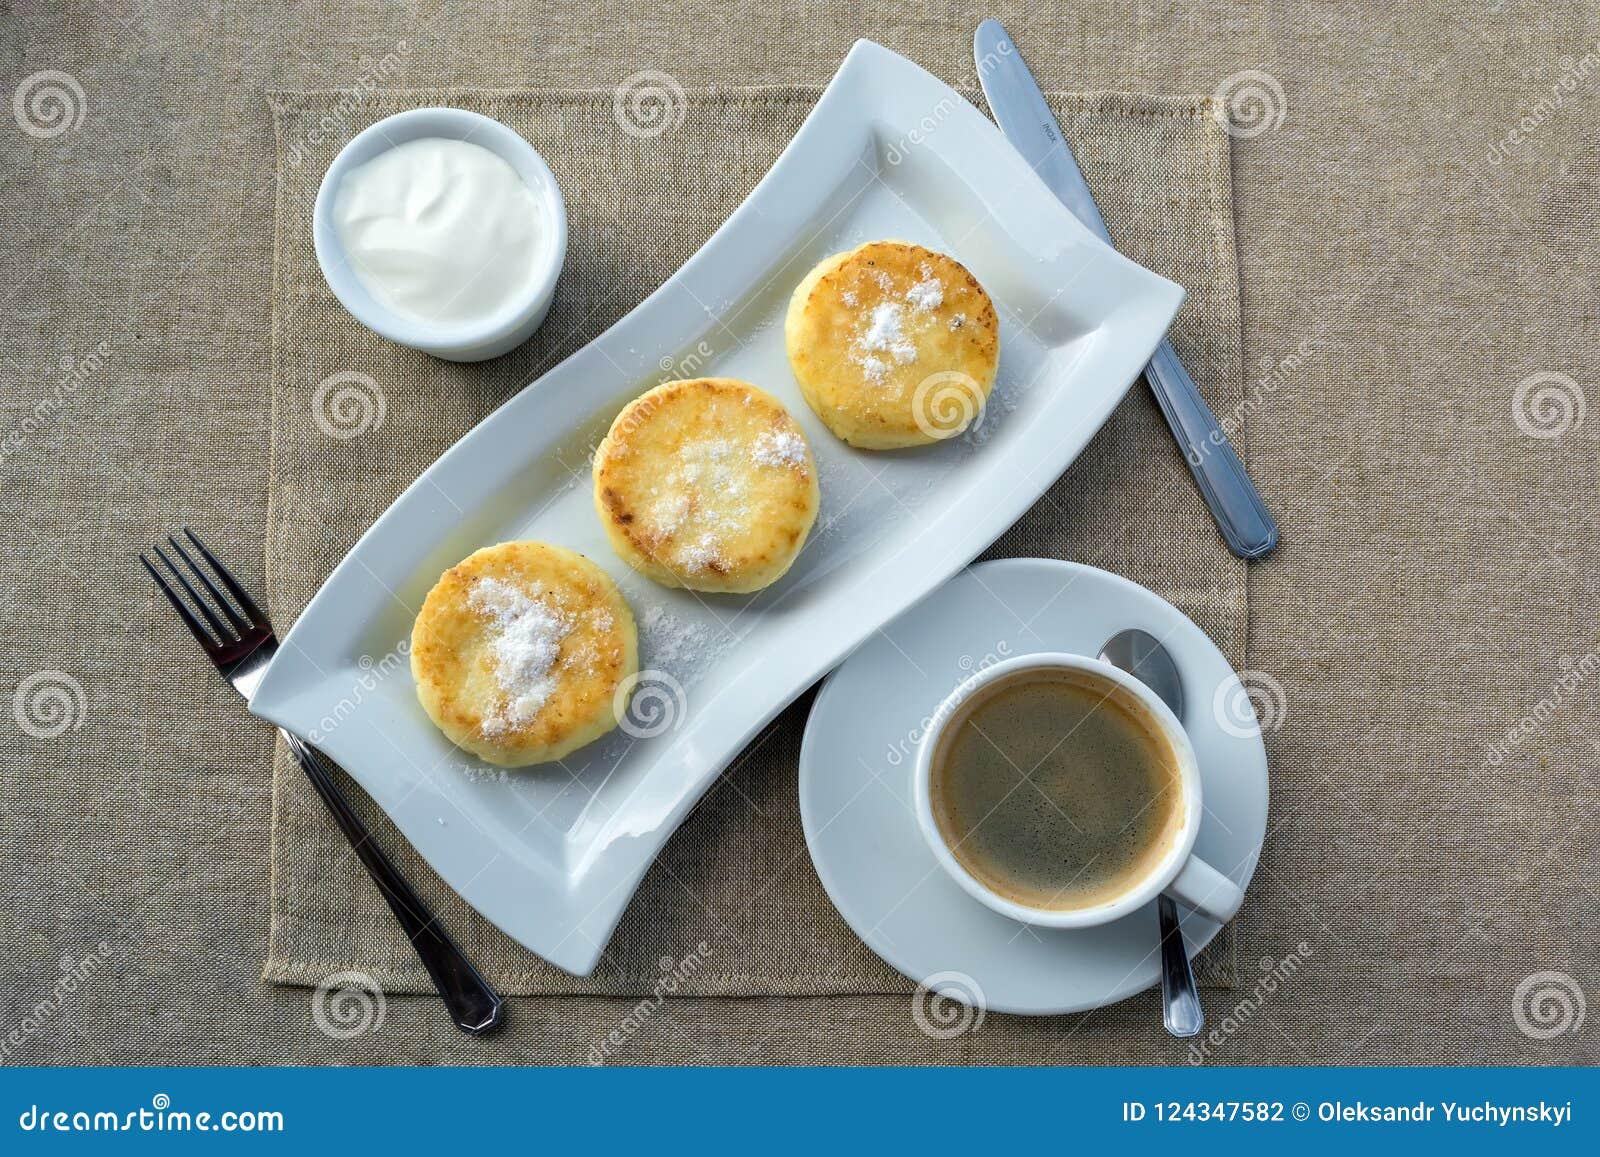 Завтрак состоя из блинчика с сметаной и кофе